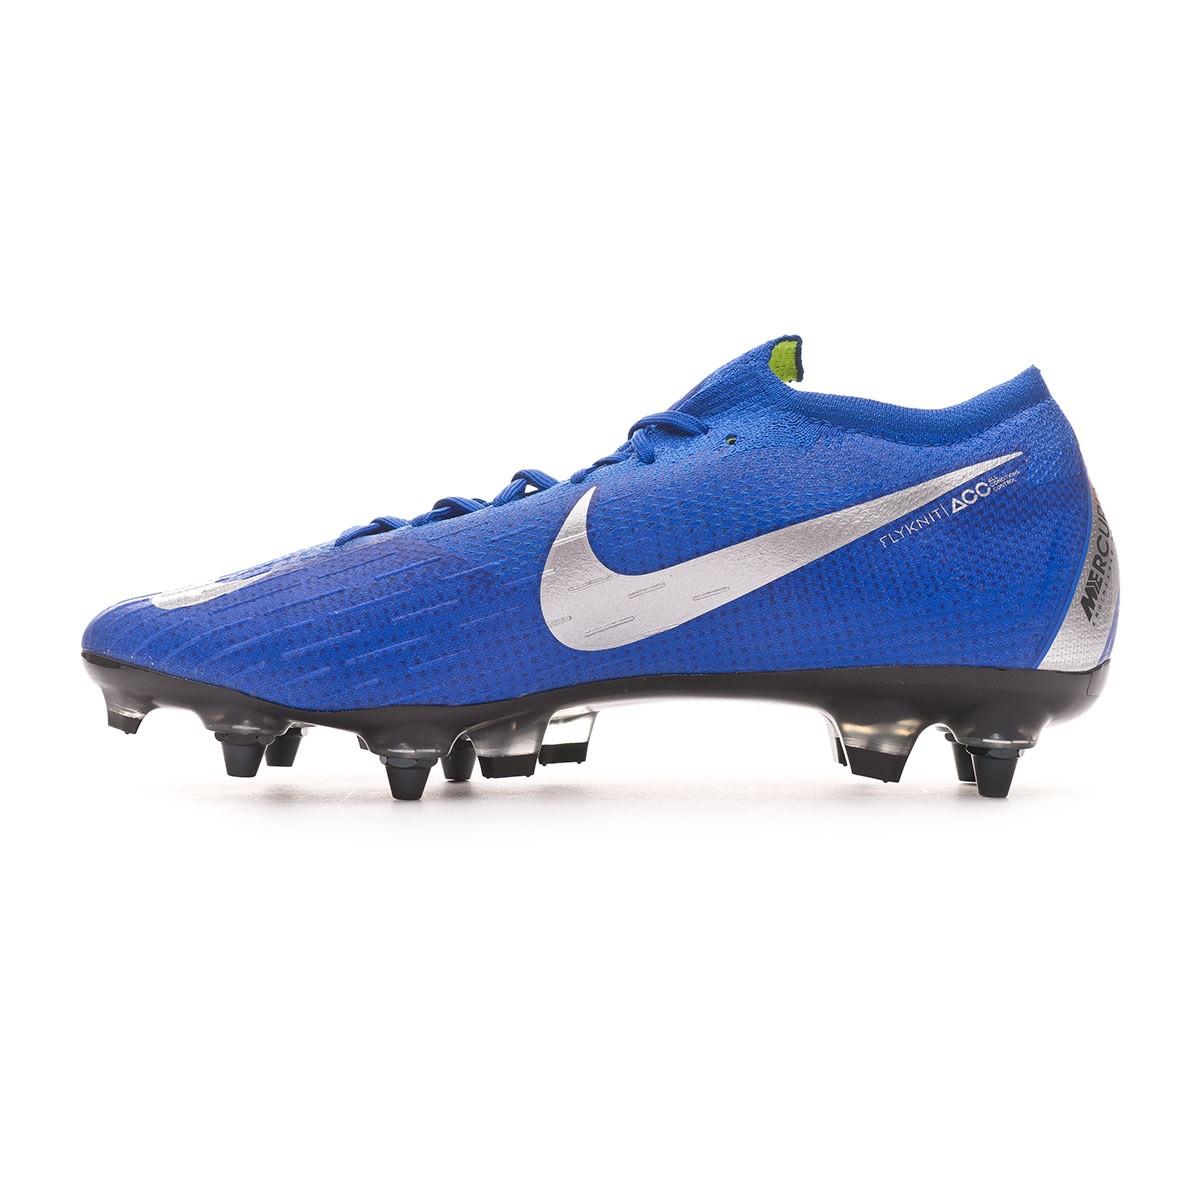 buono sconto prestazione affidabile accogliente fresco Football Boots Nike Mercurial Vapor XII Elite Anti-Clog SG-Pro ...